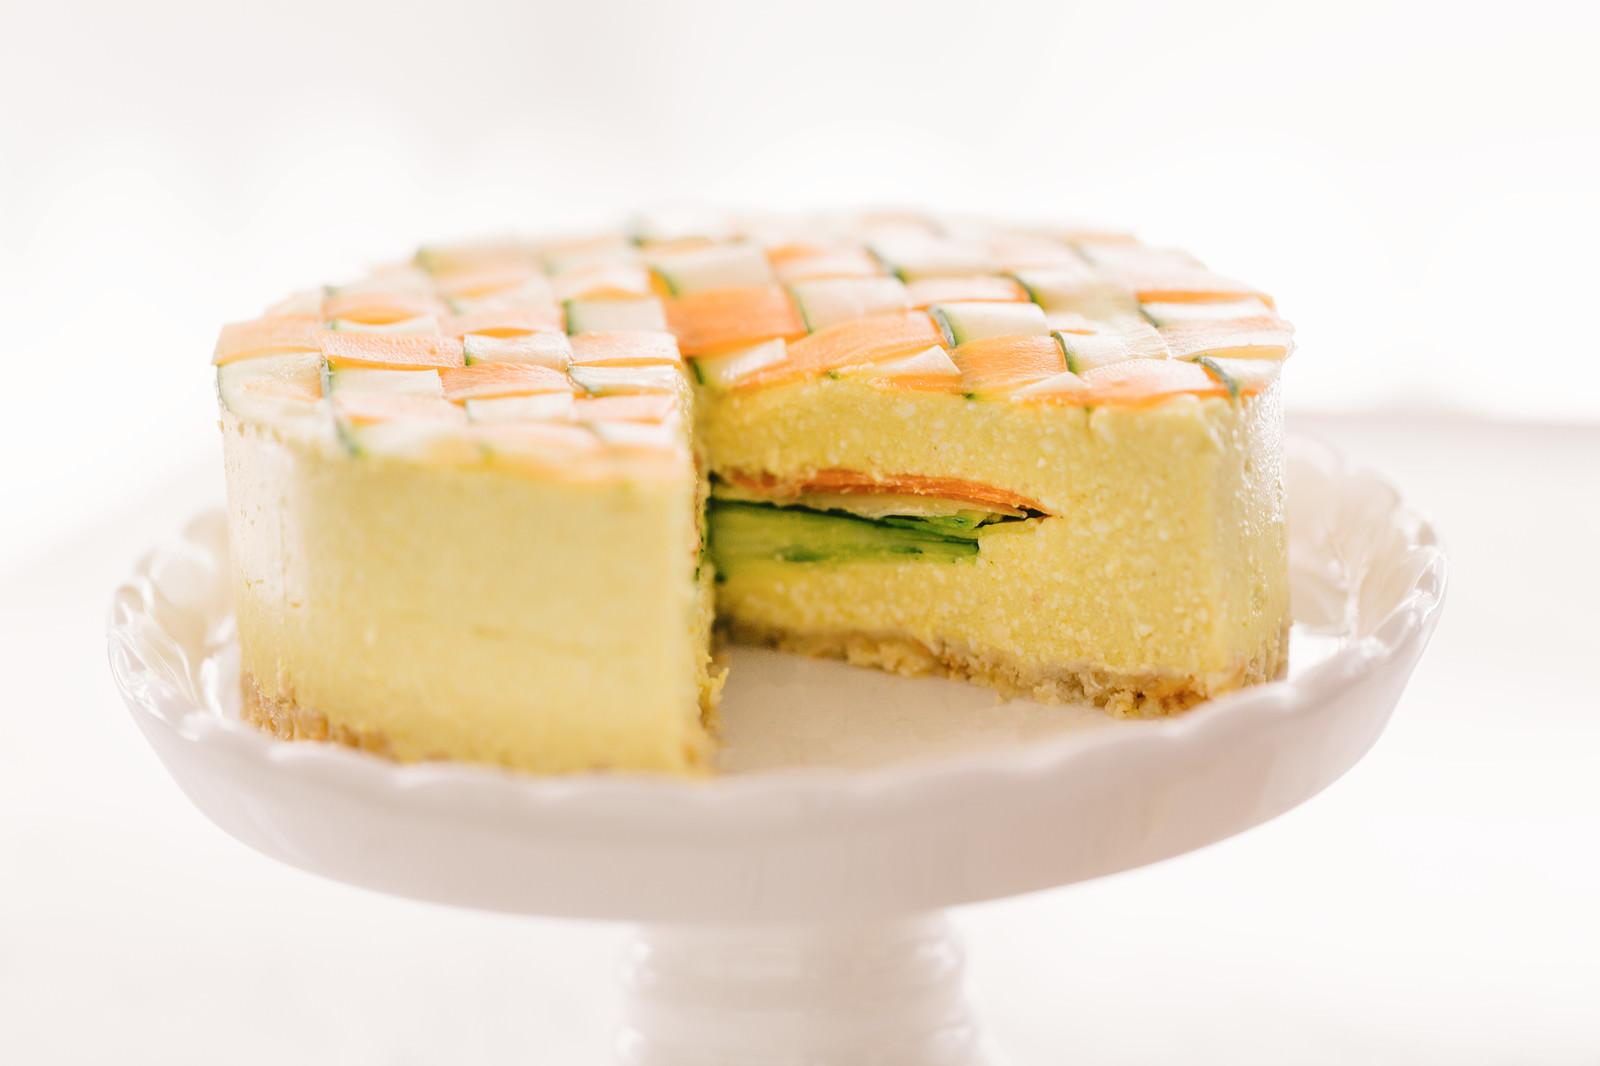 「食べ応えのある野菜のベジデコケーキ」の写真